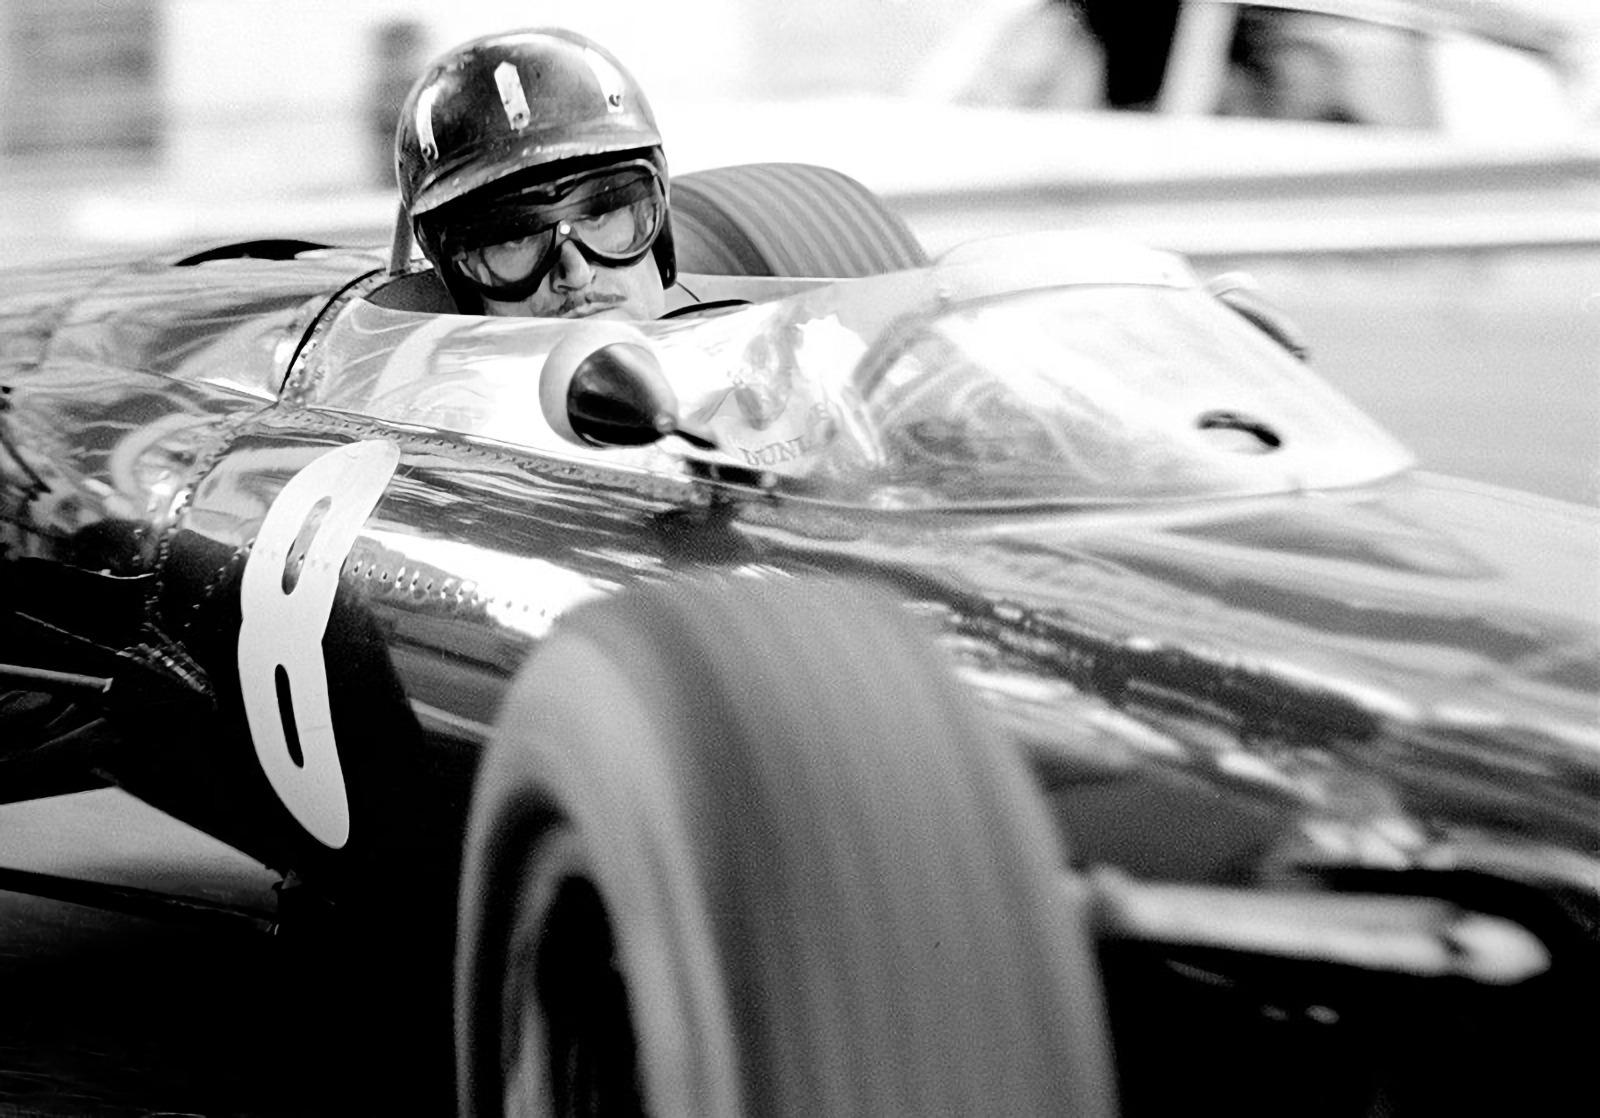 #122 1964 Monaco Grand Prix